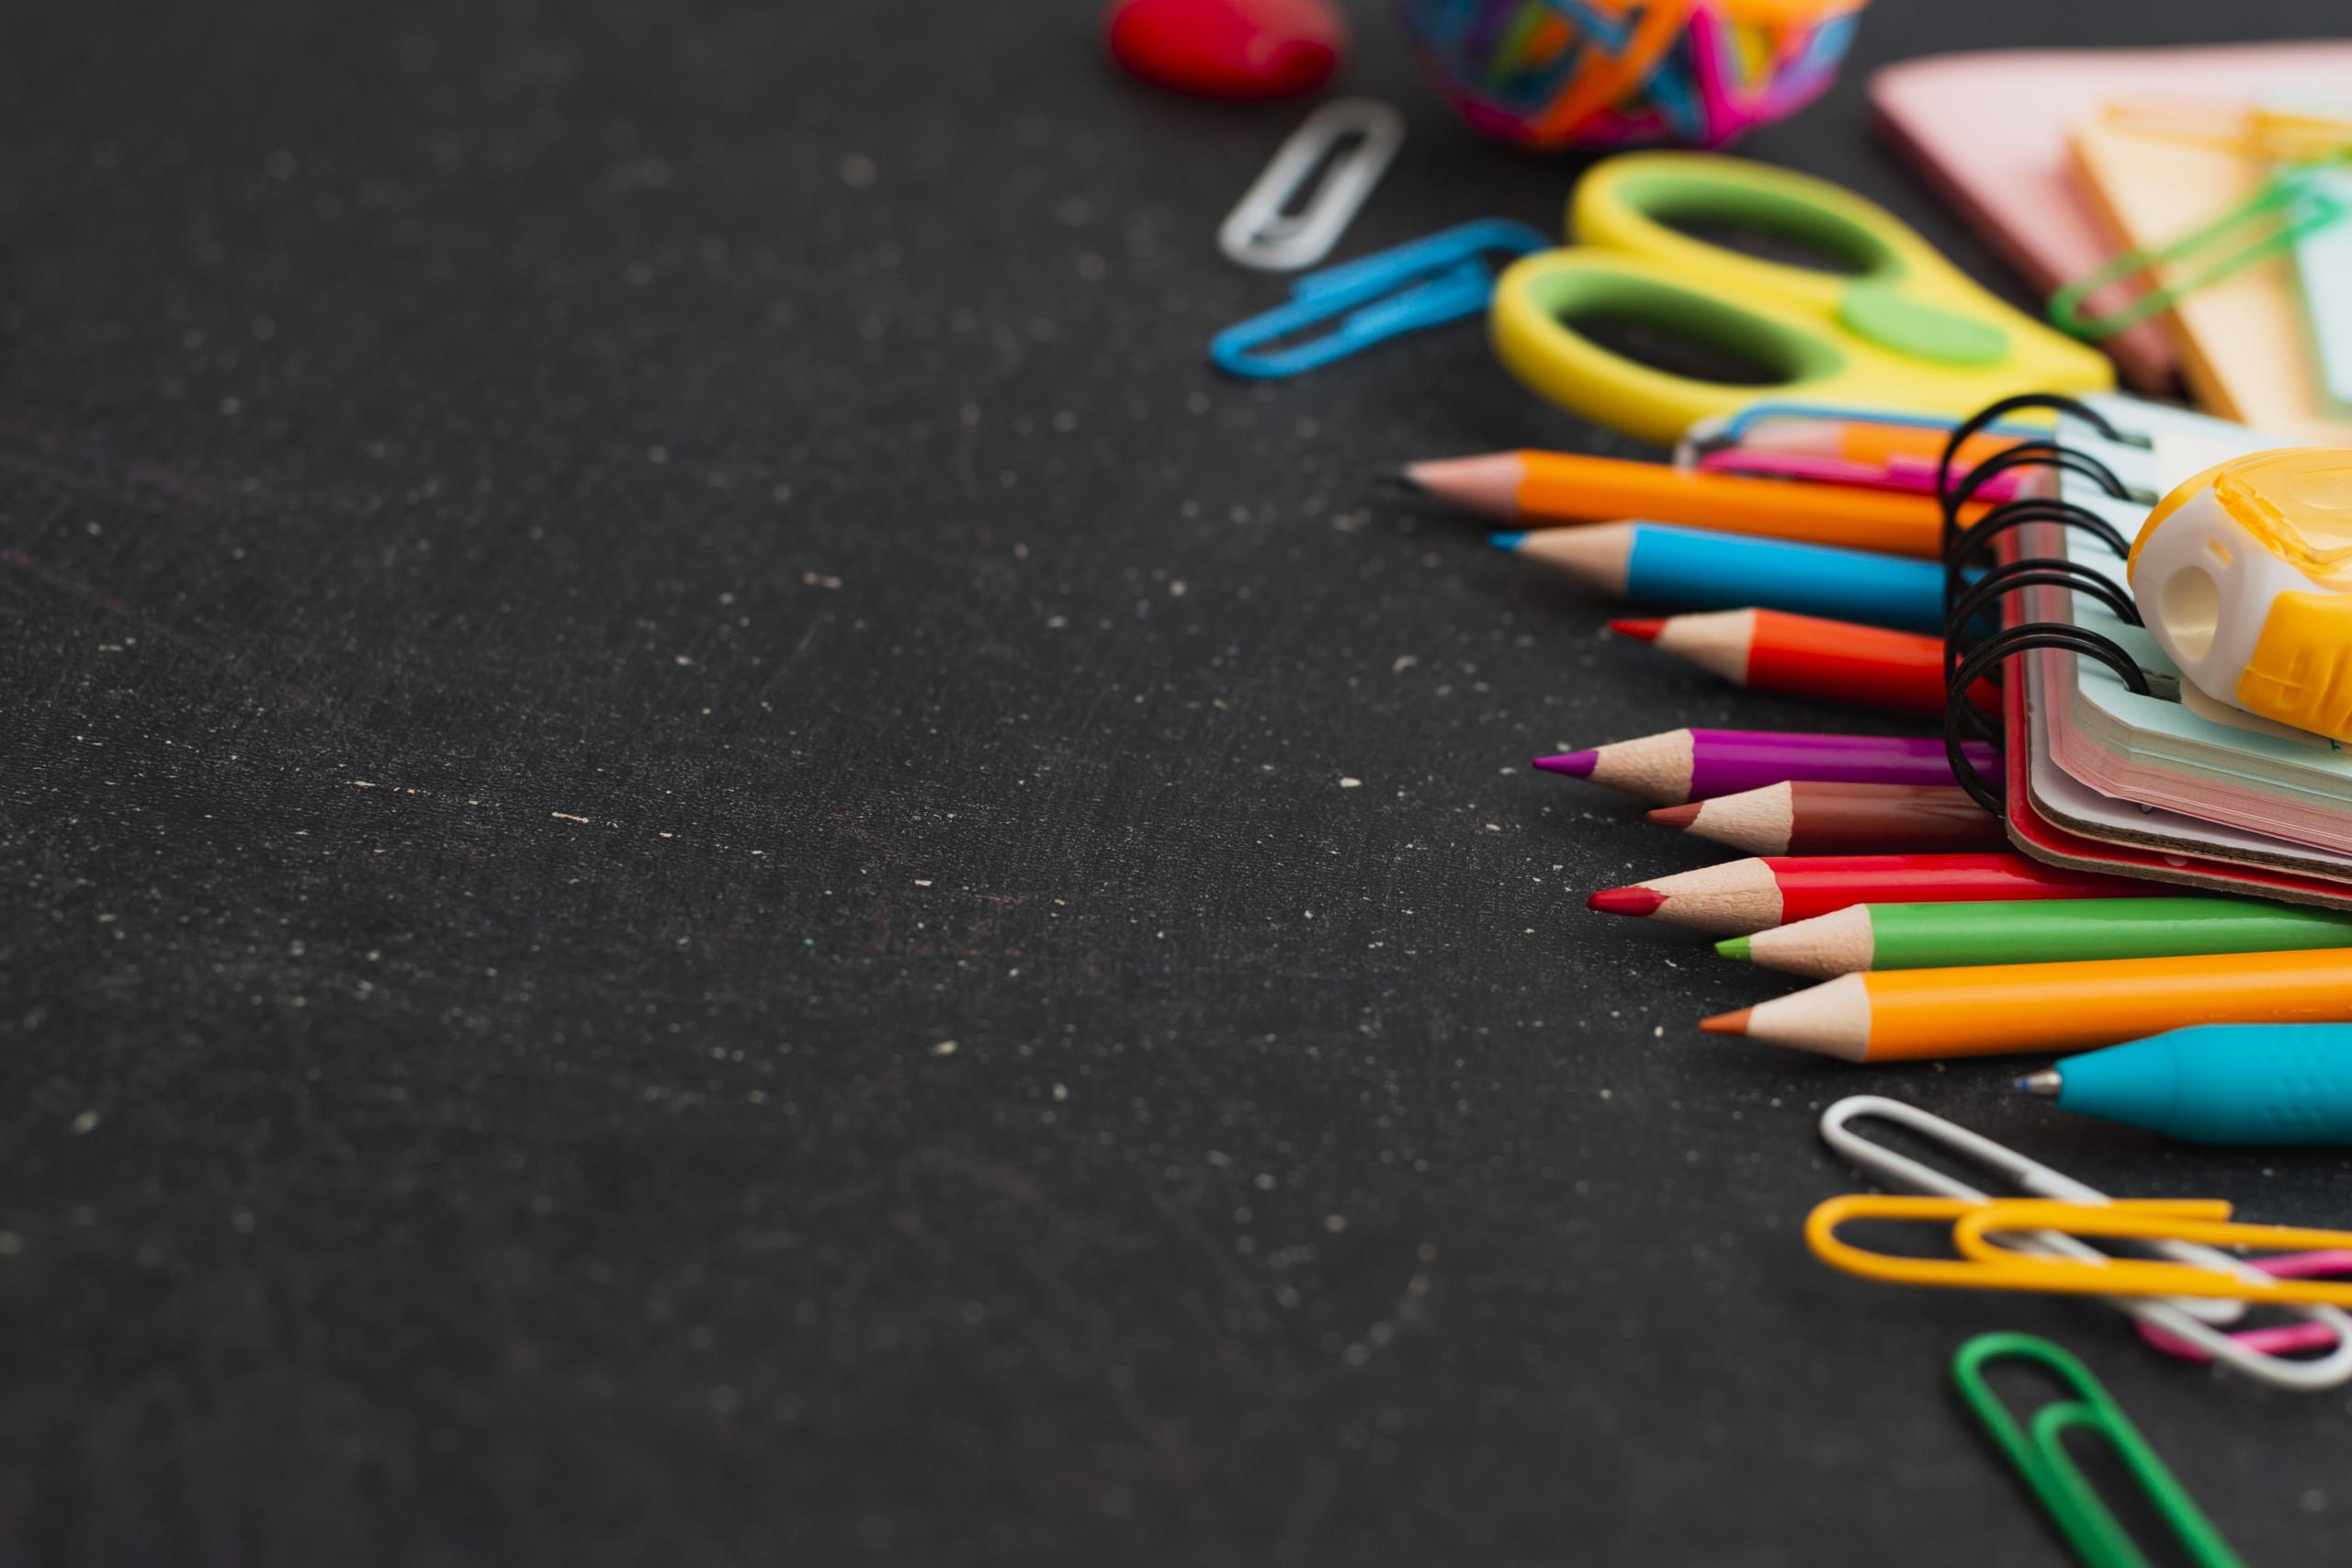 kolorowe kredki i długopisy na czarnym tle